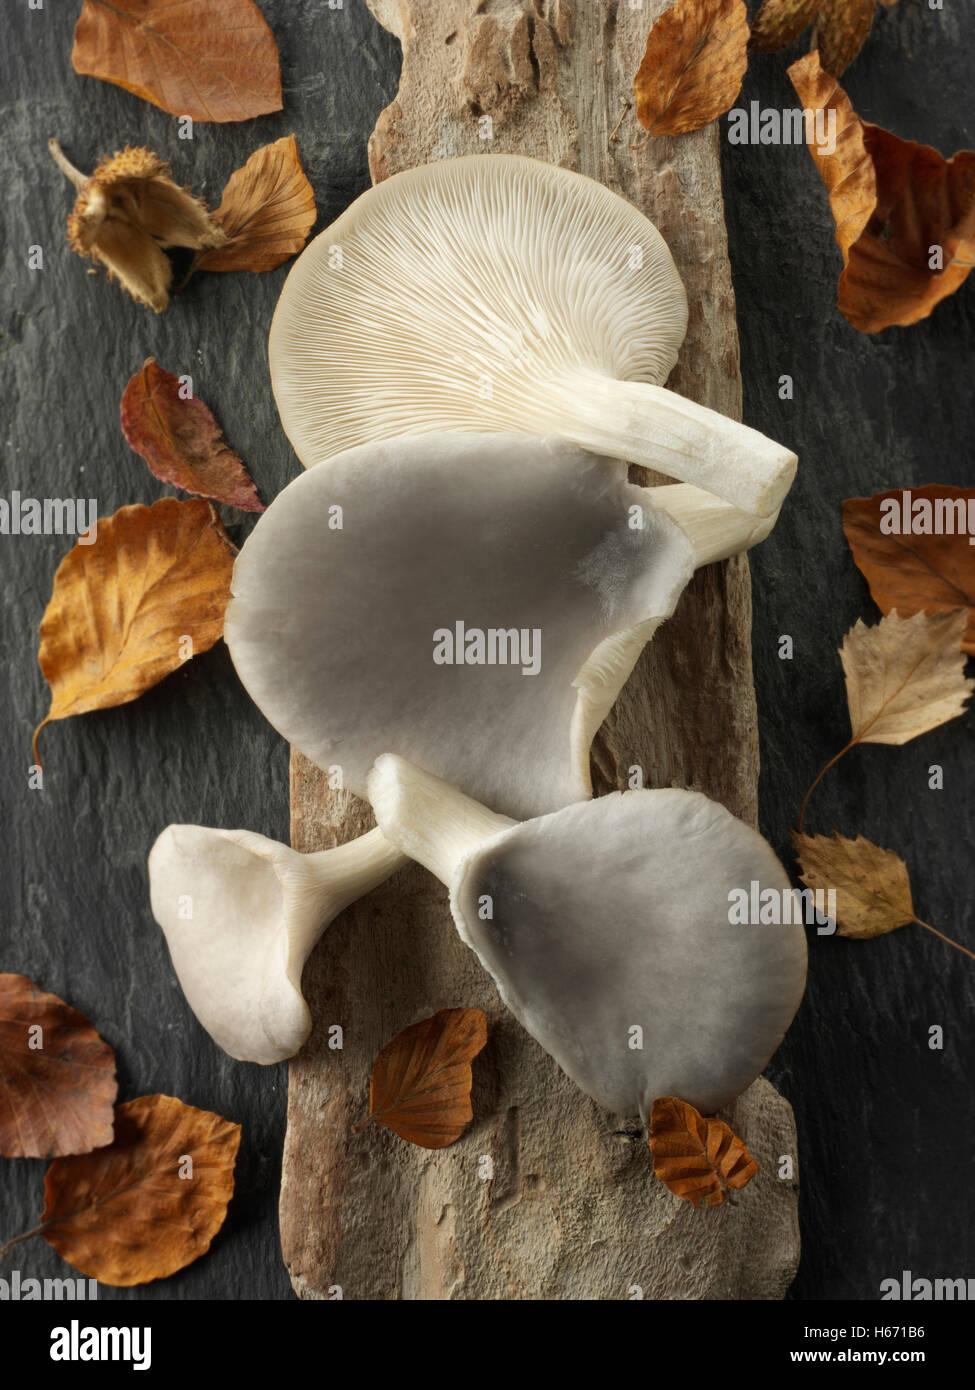 Matières premières fraîches cueillies pleurotes grises, Pleurotus ostreatus, non cuit Photo Stock